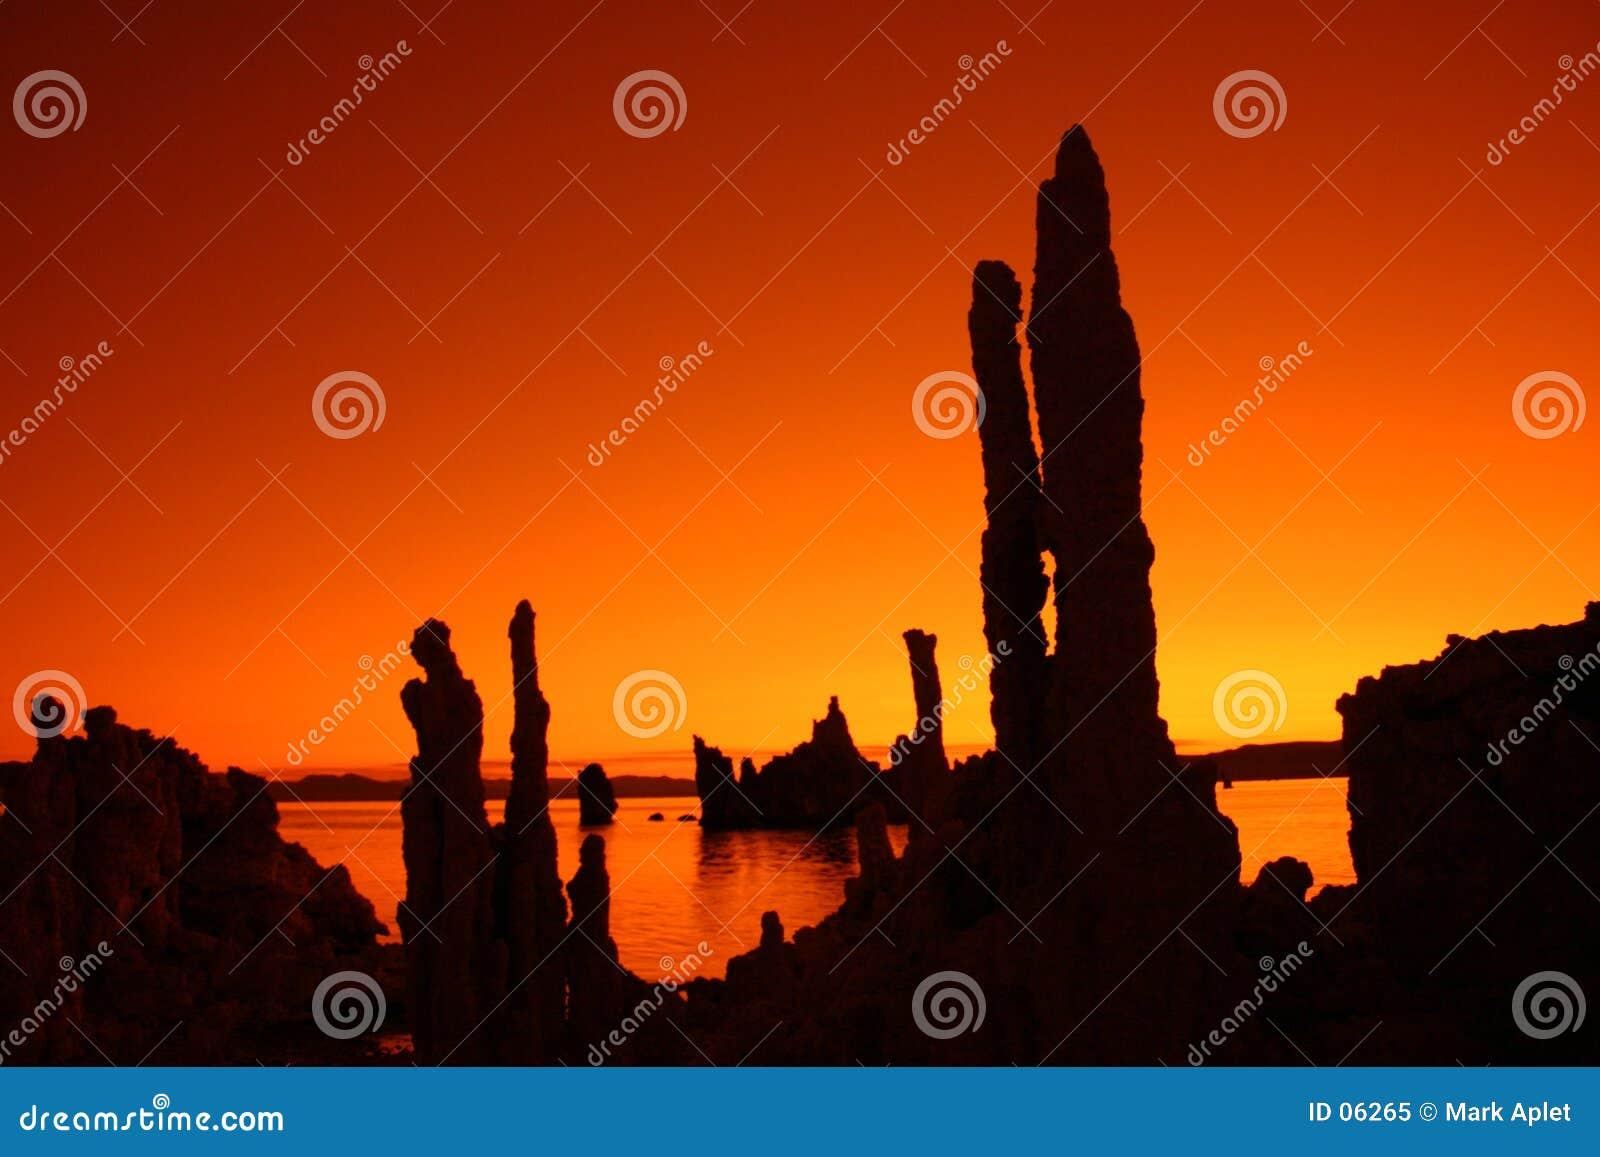 橙色凝灰岩